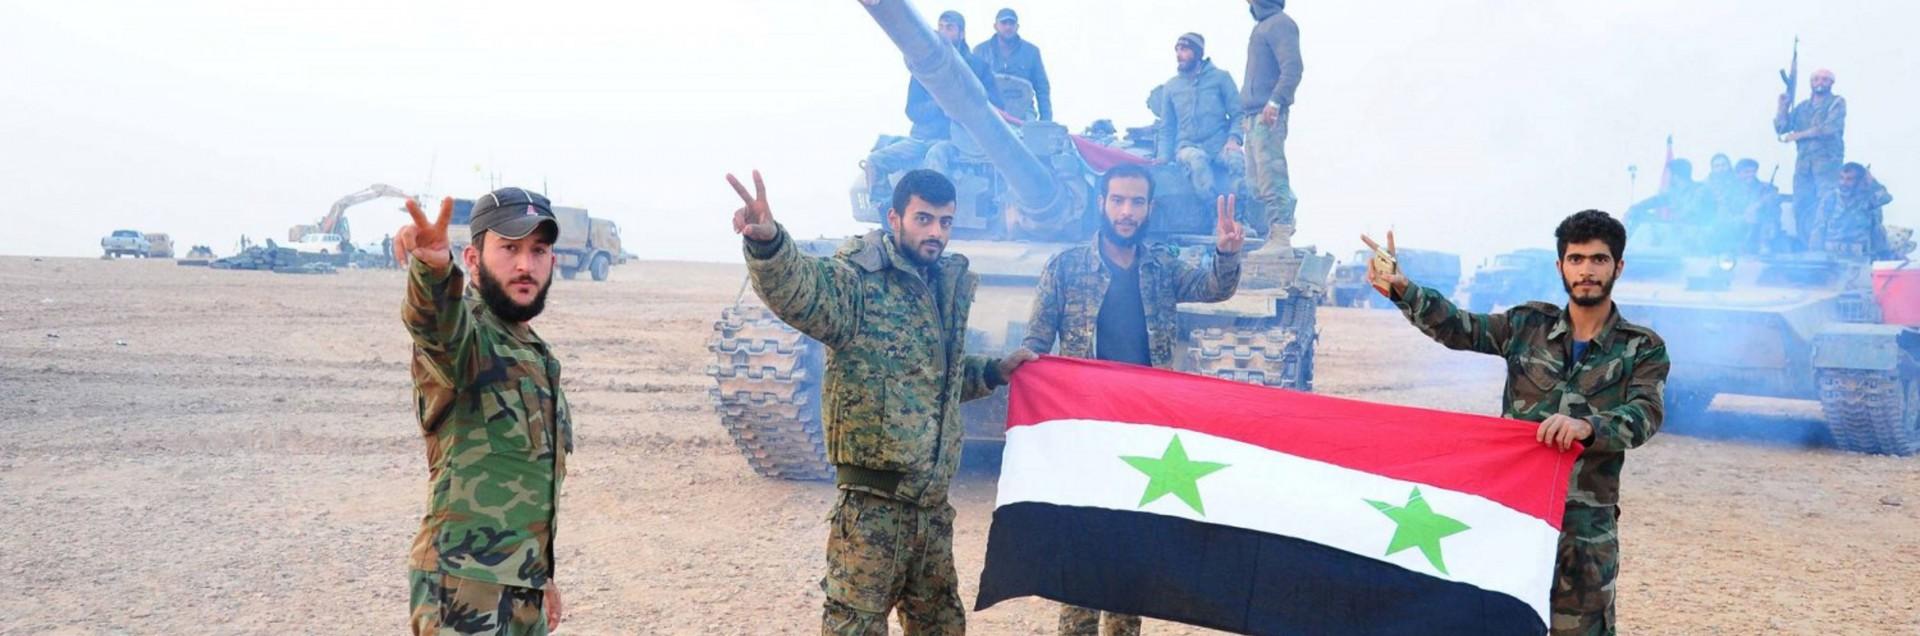 Accordo tra curdi e Damasco <br> per fermare l'avanzata turca